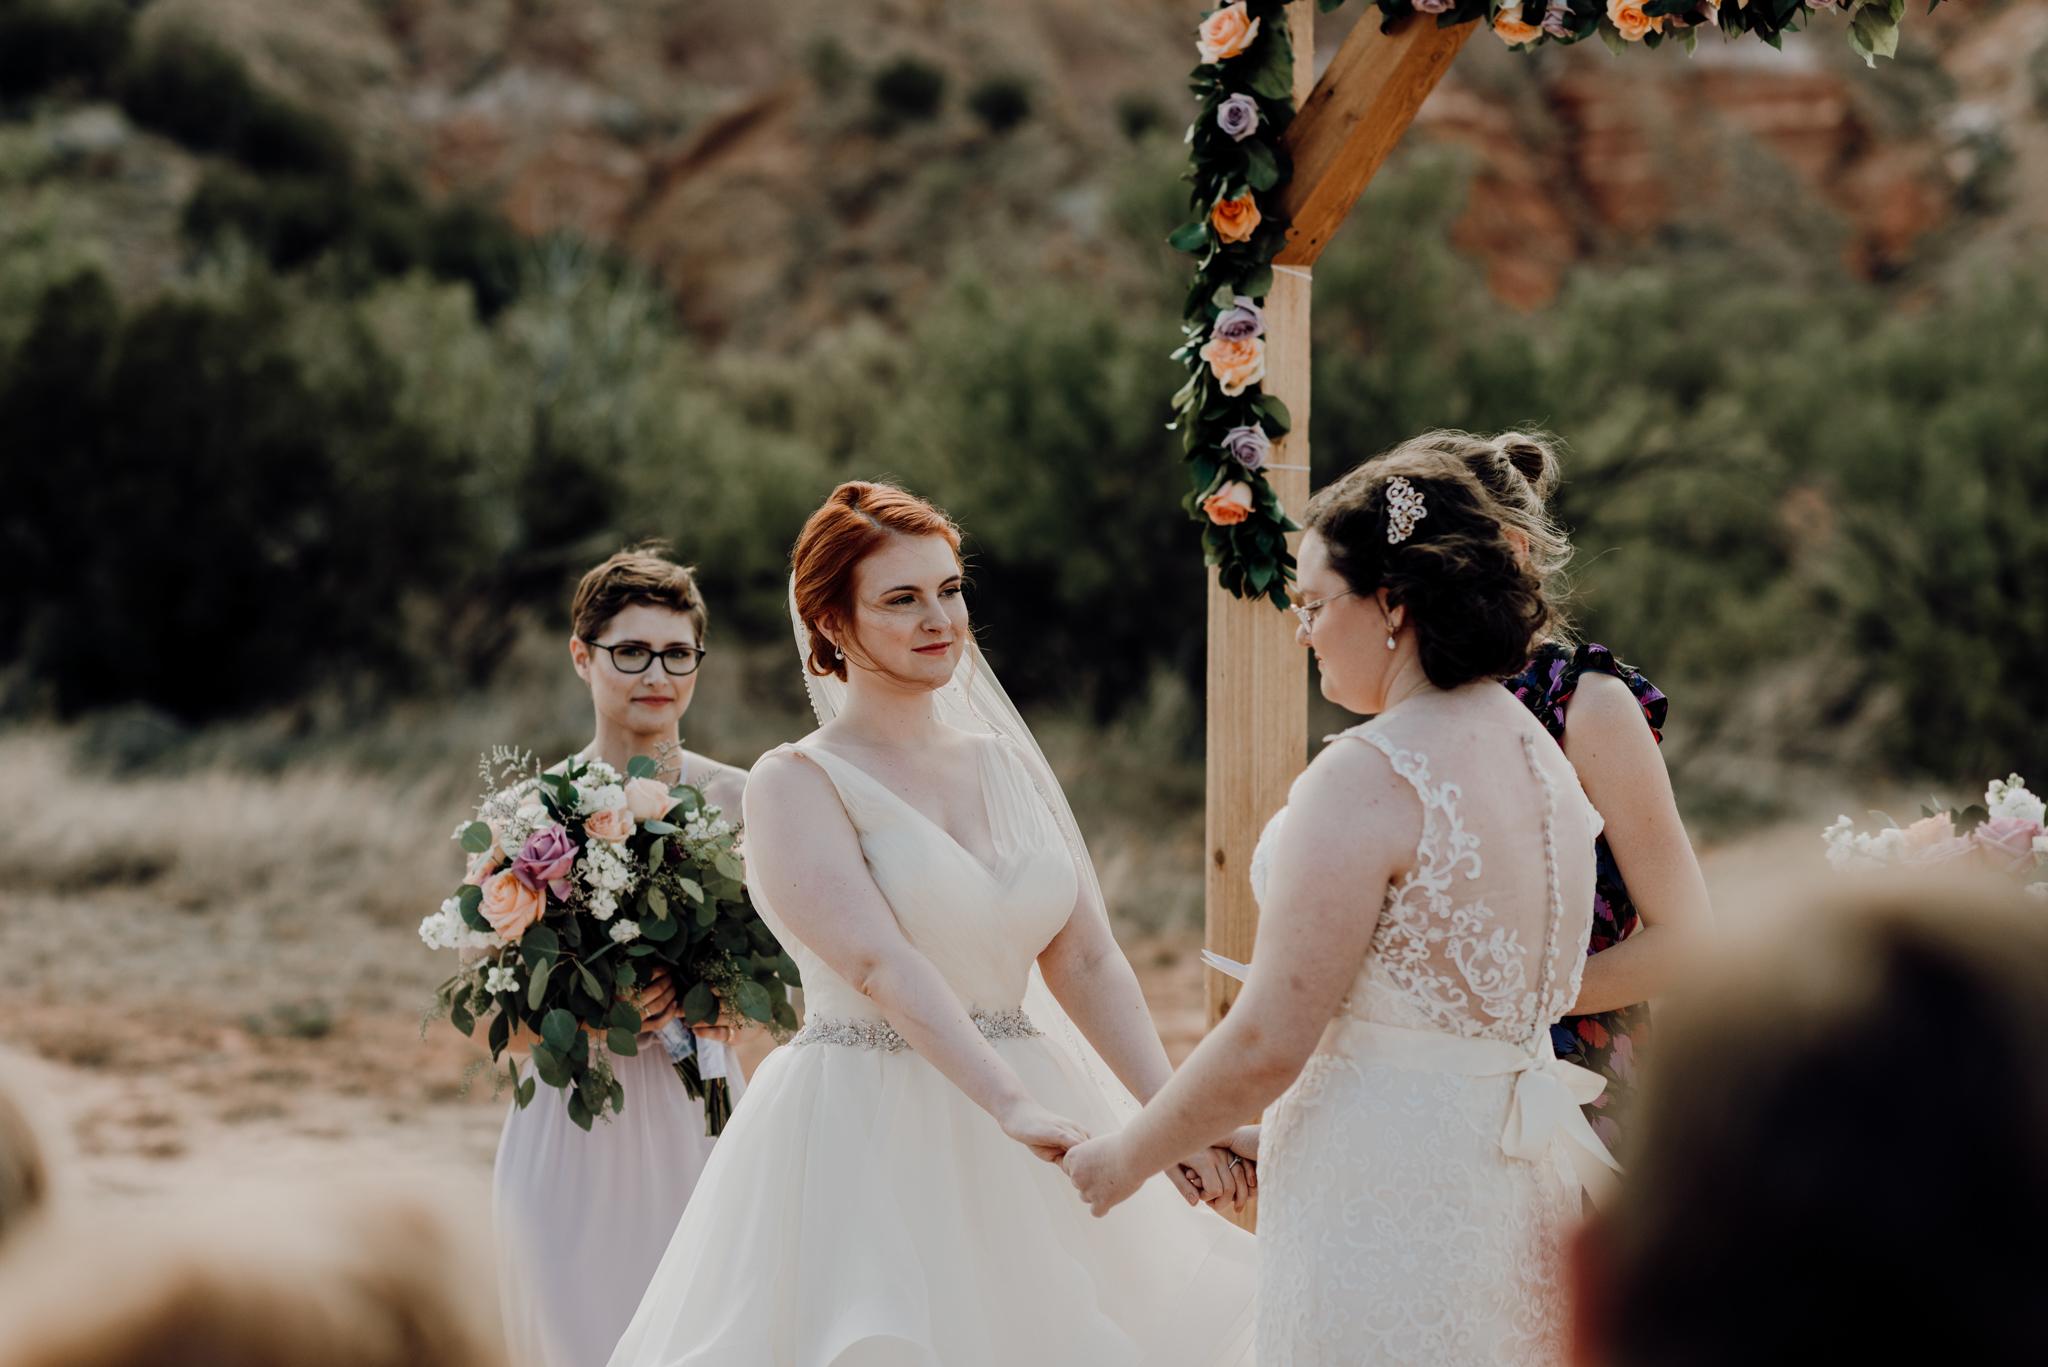 Texas Wedding Photographer-Palo Duro Canyon Sam Sex Wedding- Houston Wedding Photographer -Kristen Giles Photography-26.jpg